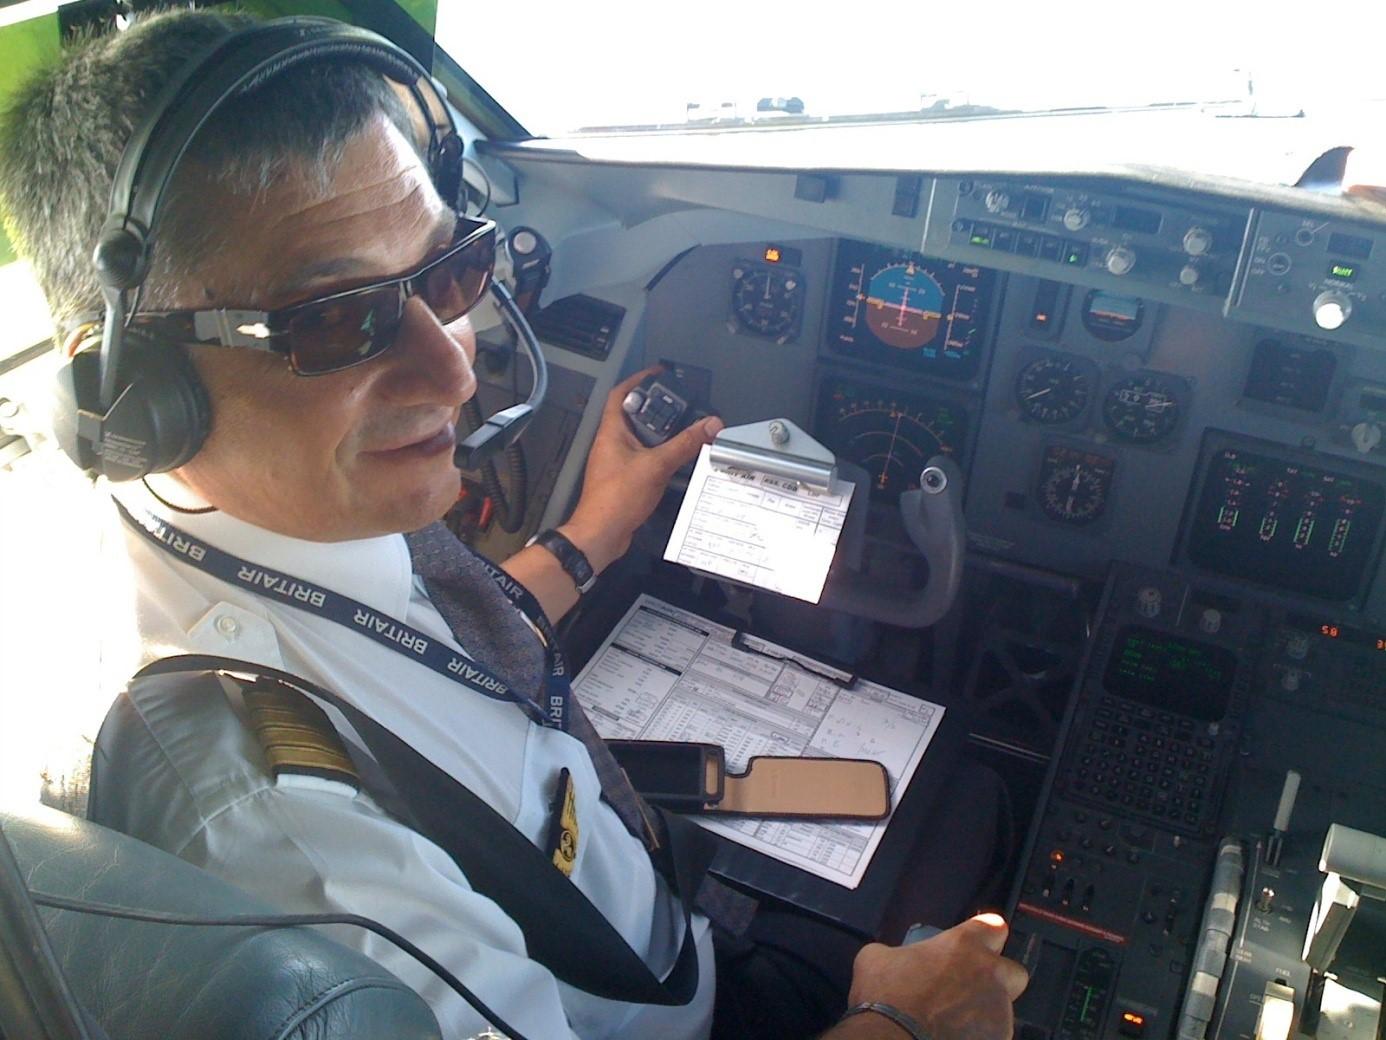 Y a t'il un pilote dans l'avion ? Témoignage d'un commandant de bord.